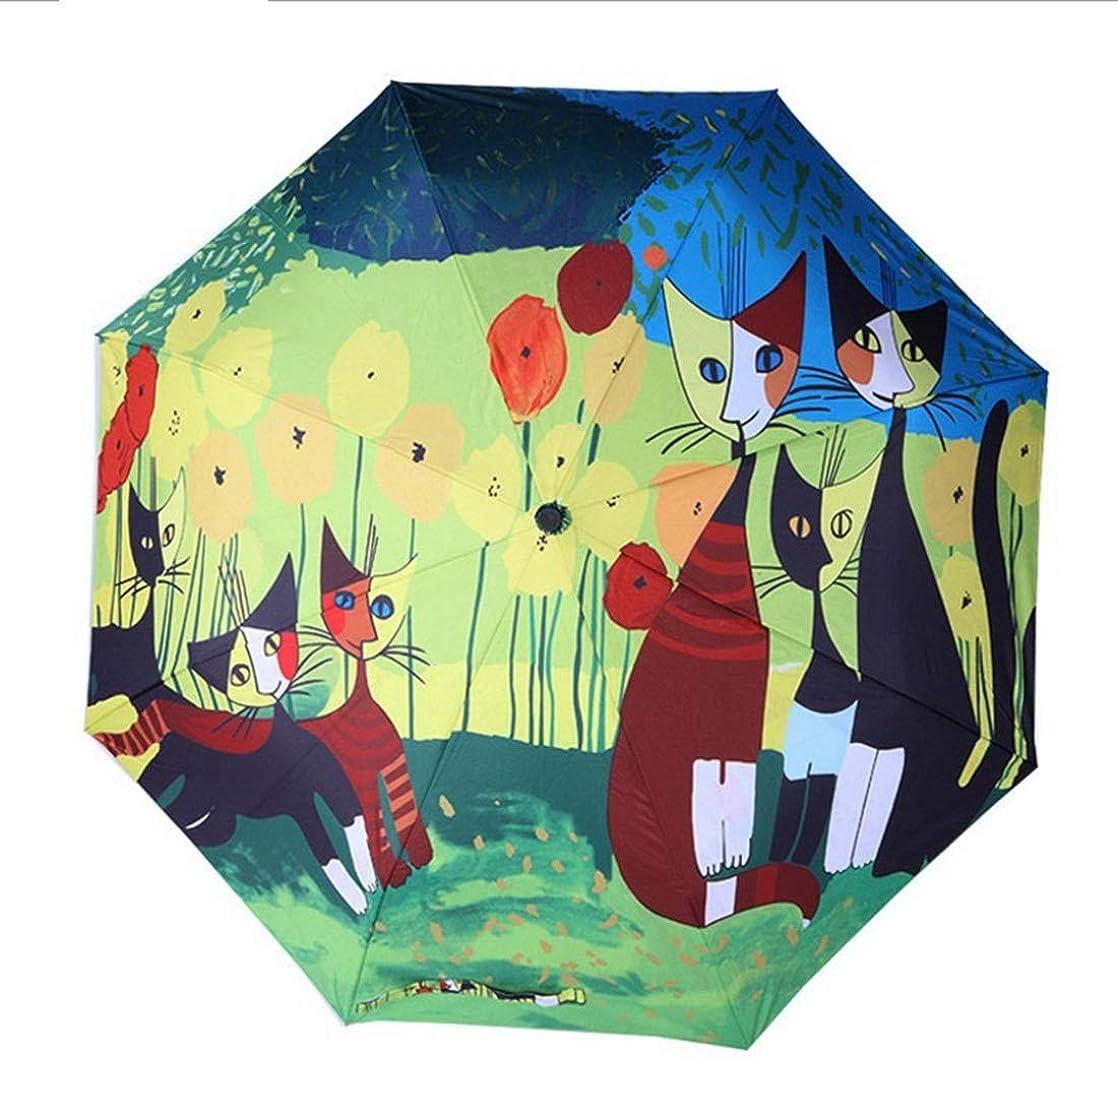 スキル歩行者悲しい小さな新鮮なパラソル/ 3つ折りの猫の傘/日焼け止め創造的な太陽の傘 KAKACITY (色 : イエロー)